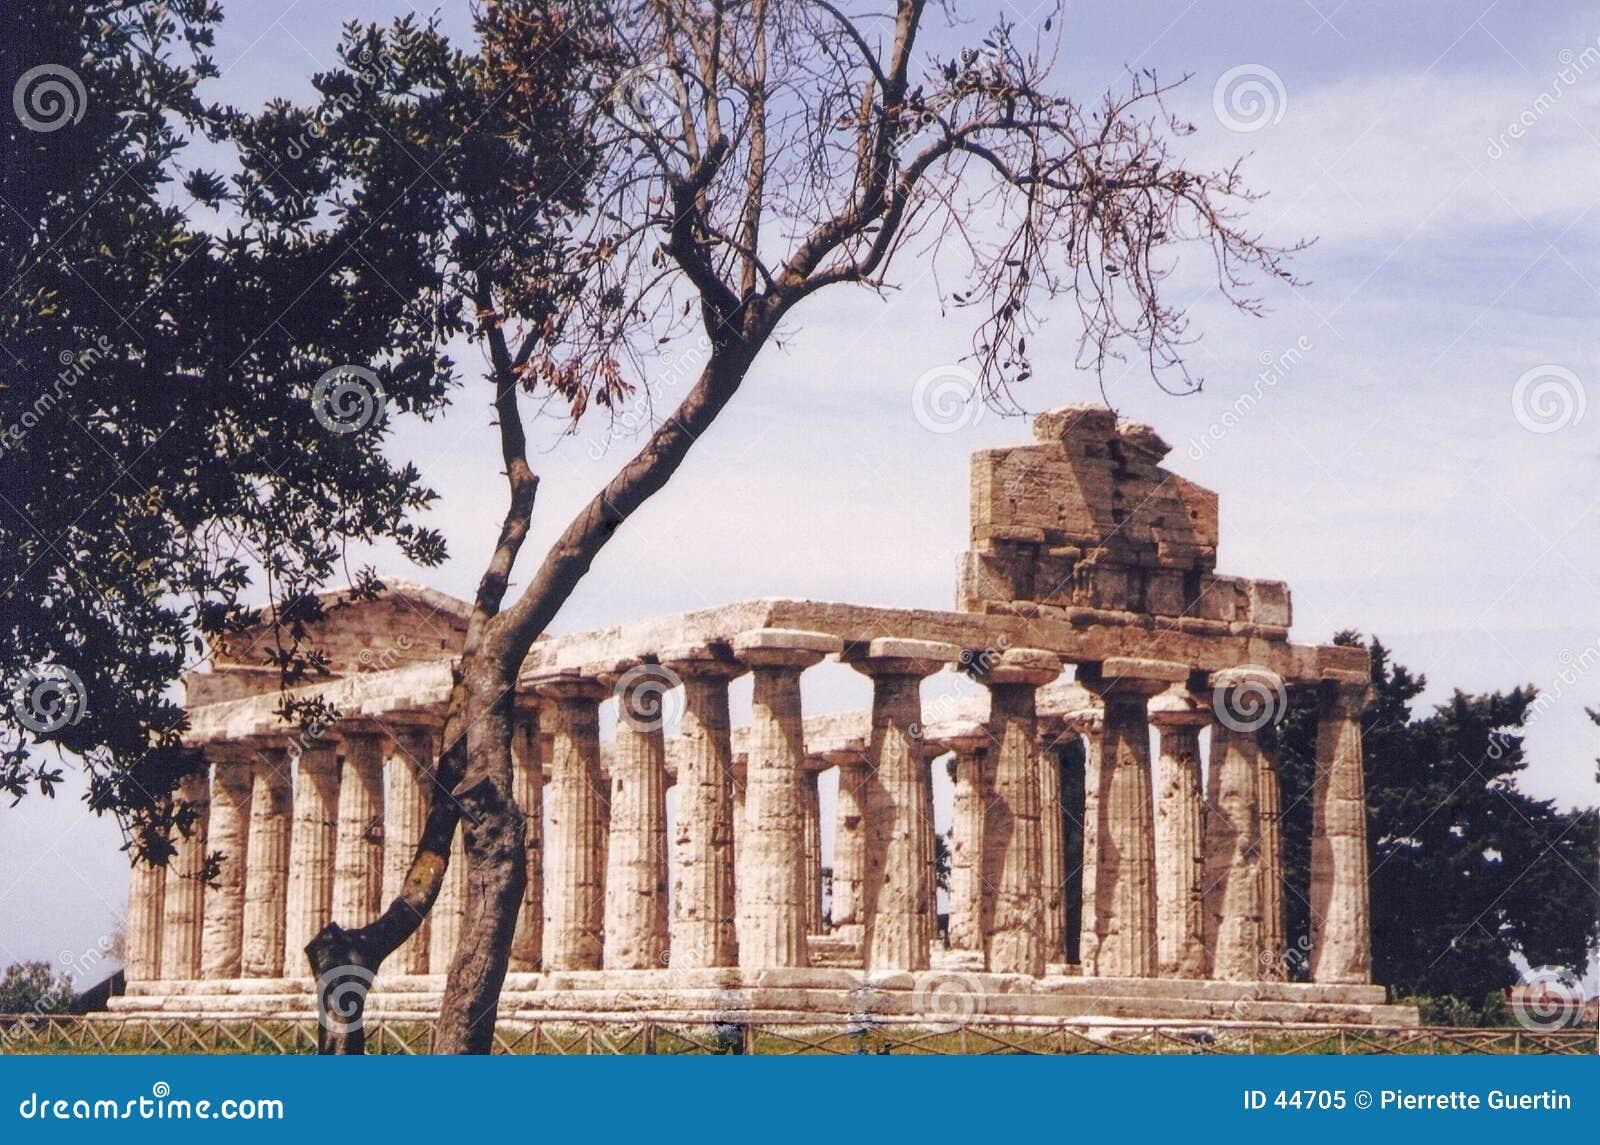 Paestum,Italy